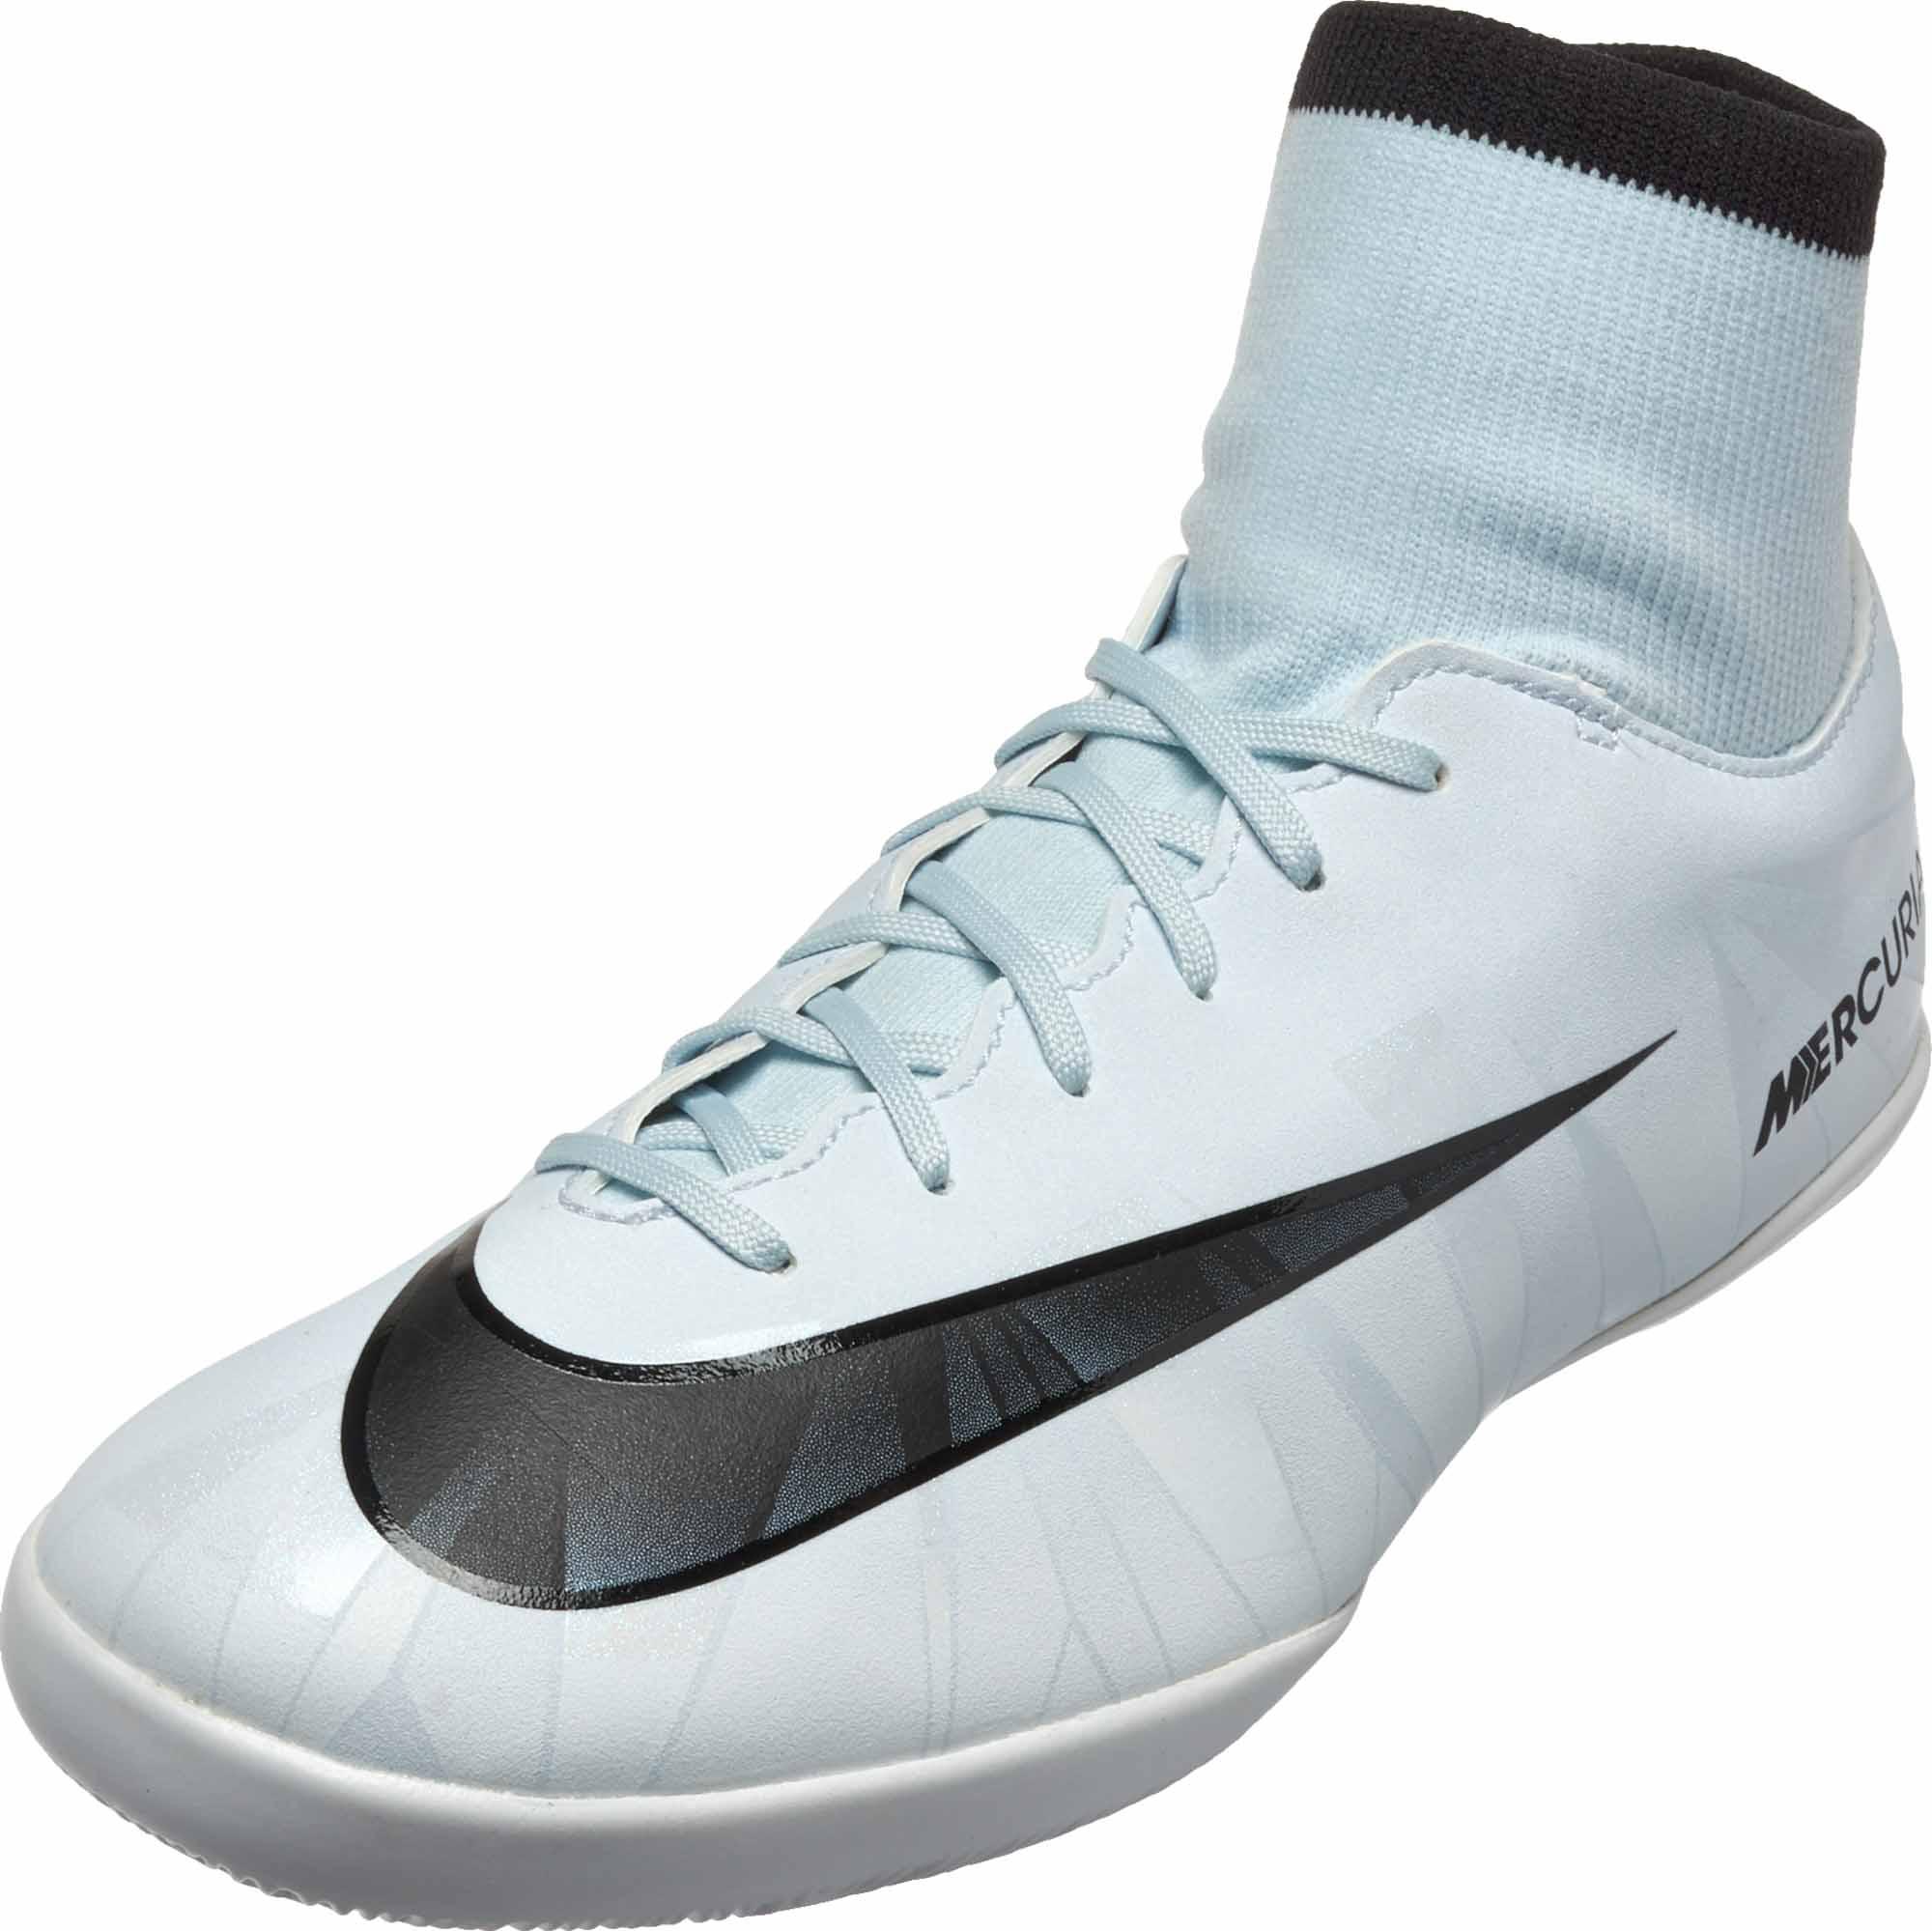 sklep internetowy oficjalne zdjęcia na wyprzedaży Nike Kids MercurialX Victory VI DF IC - CR7 - Blue Tint & Black